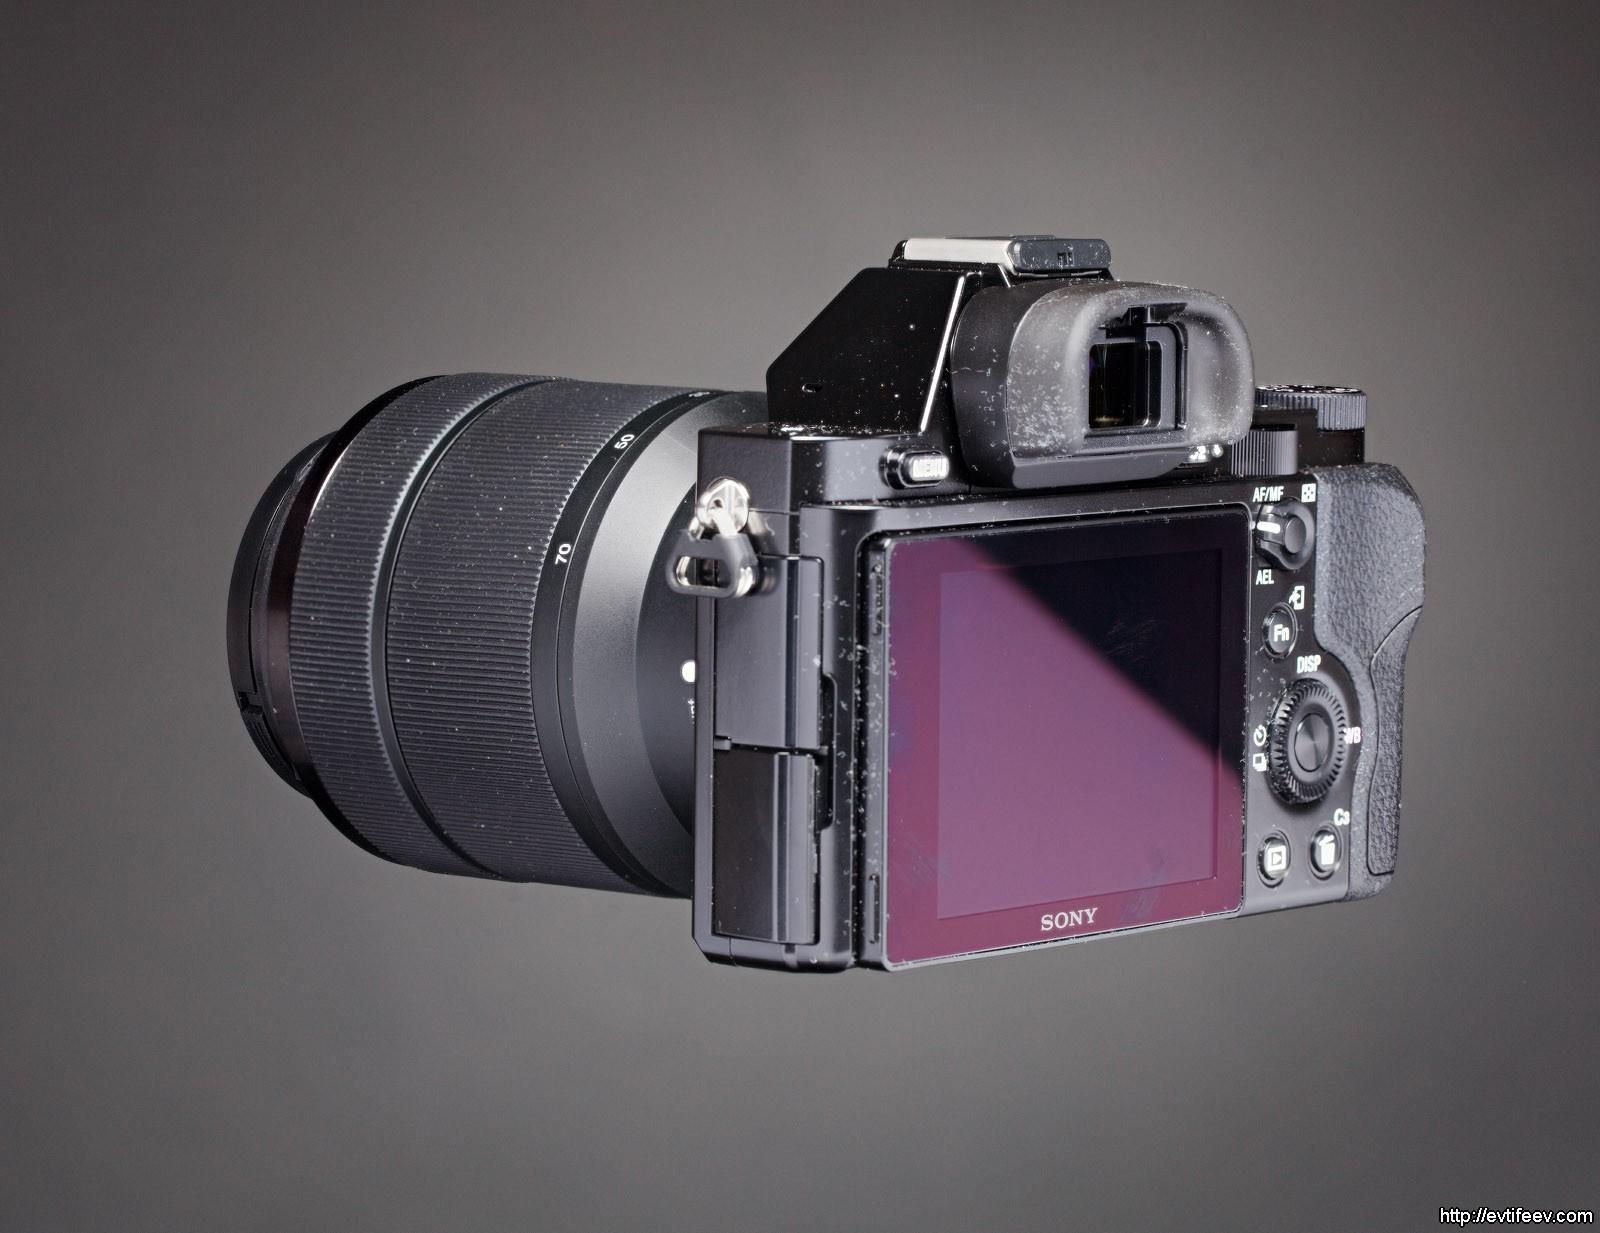 инструкция к фотоаппарату sony lens 14.1